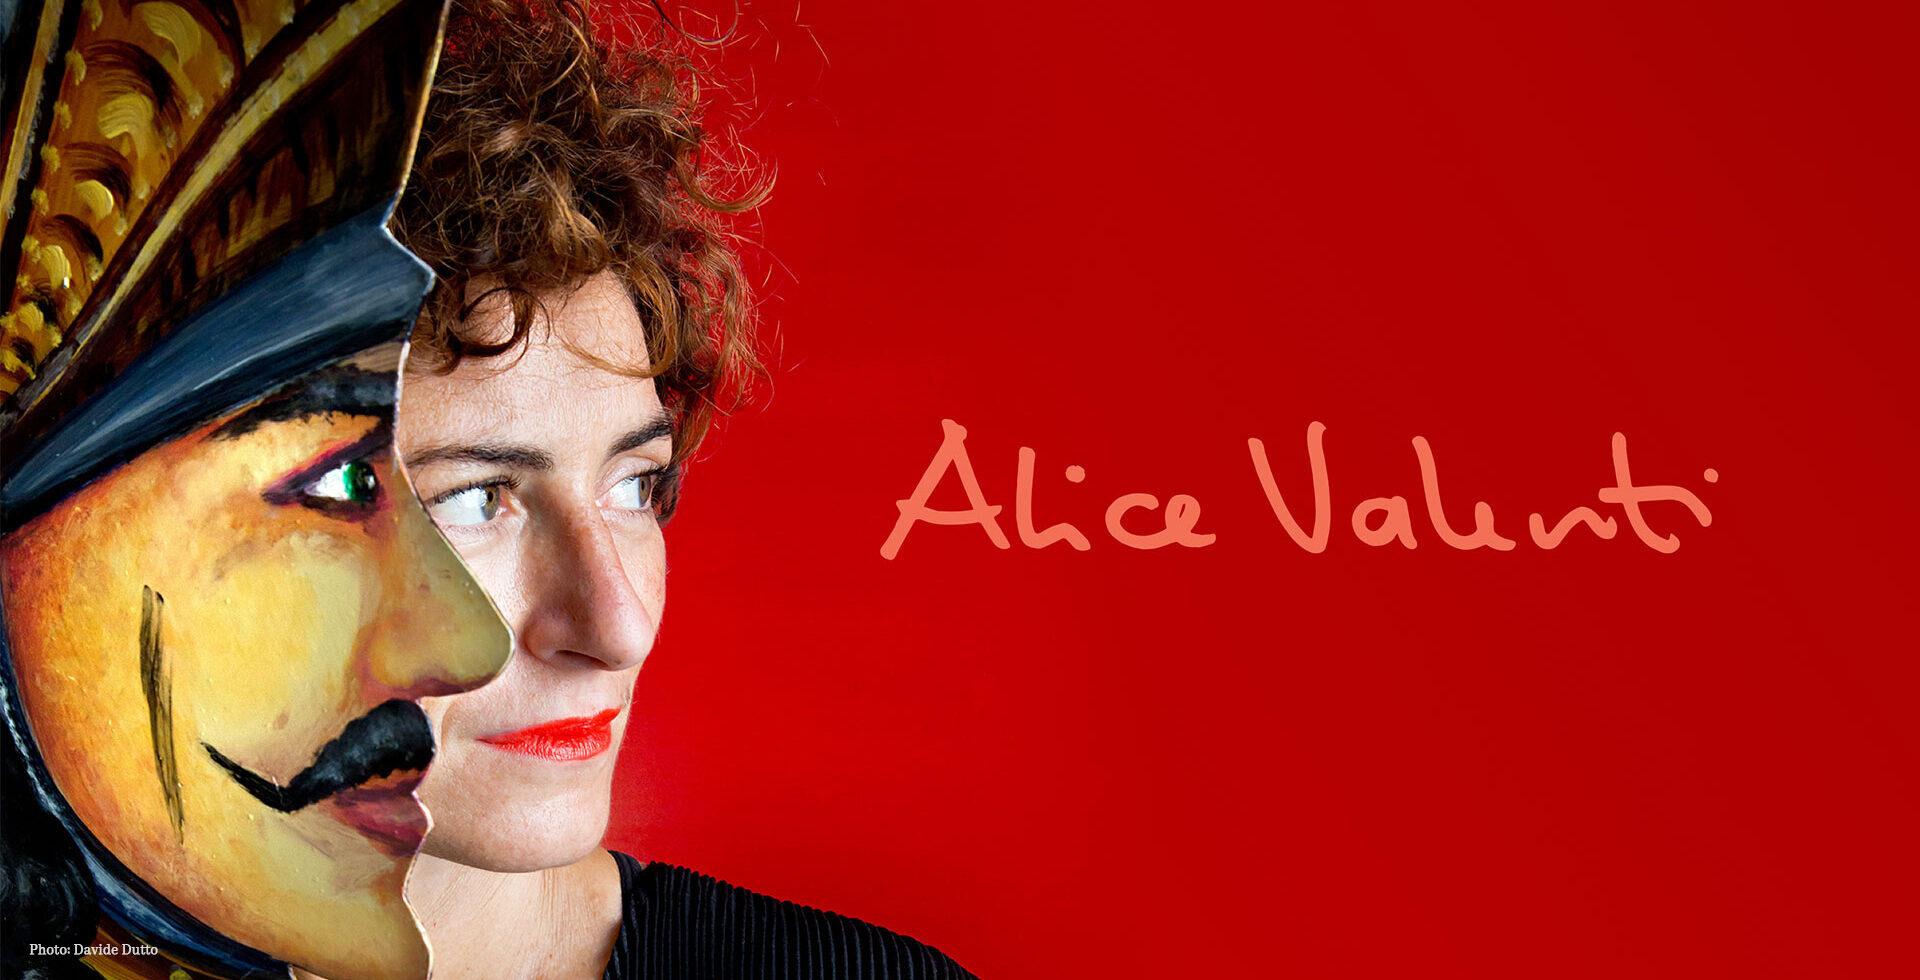 Alice Valenti